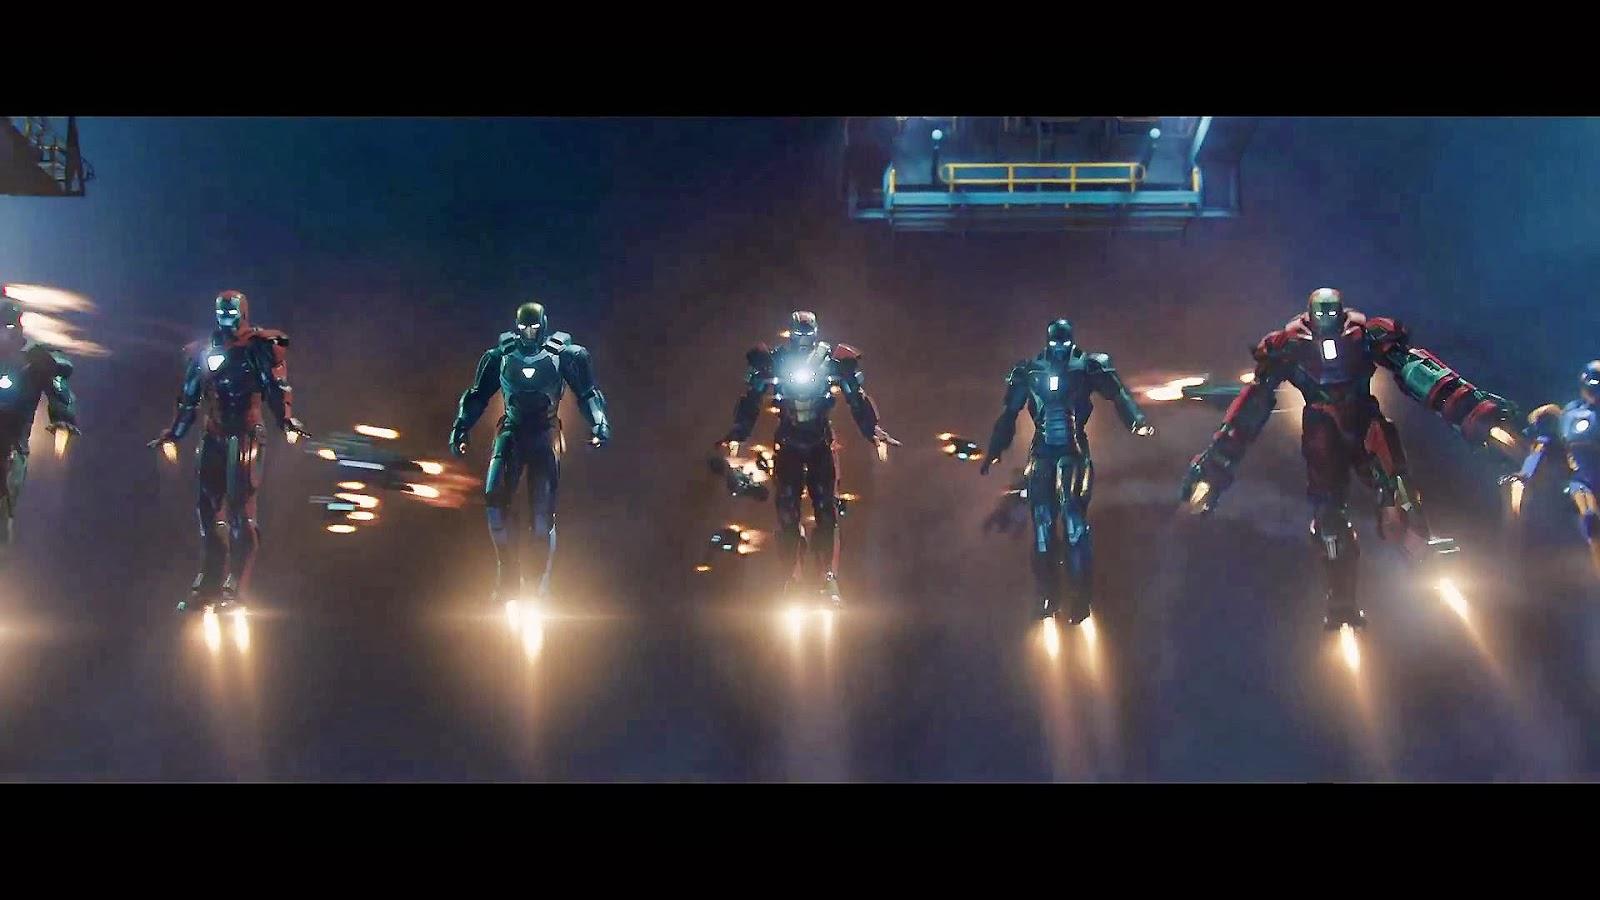 Descargar Iron Man 4 A2zp30: Peliculas Latino